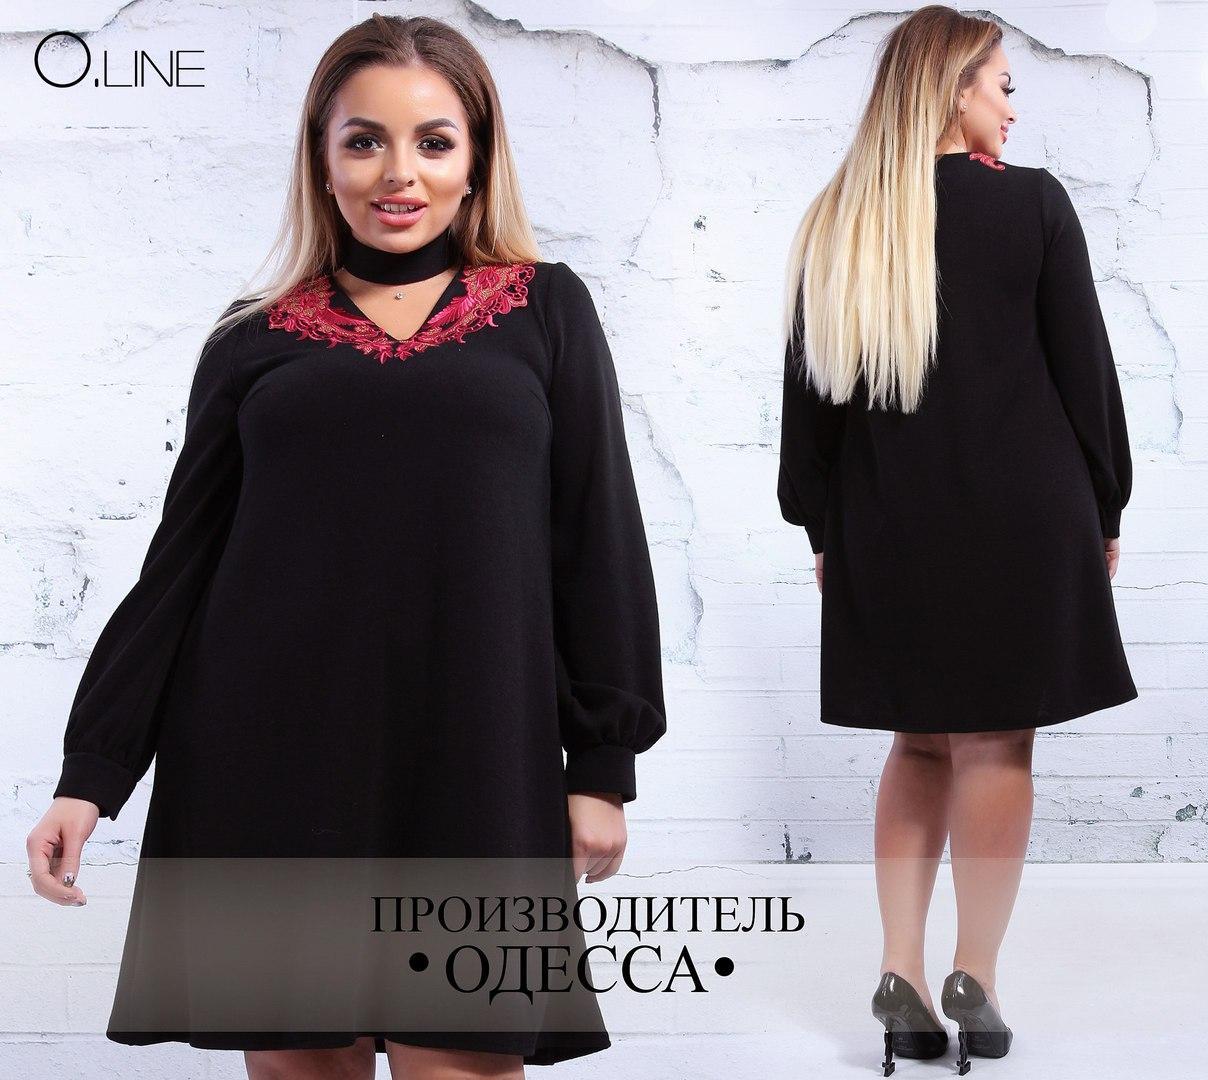 Платье женское с чокером в расцветках 22587  Интернет-магазин модной  женской одежды оптом и в розницу . Самые низкие цены в Украине. платья  женские от